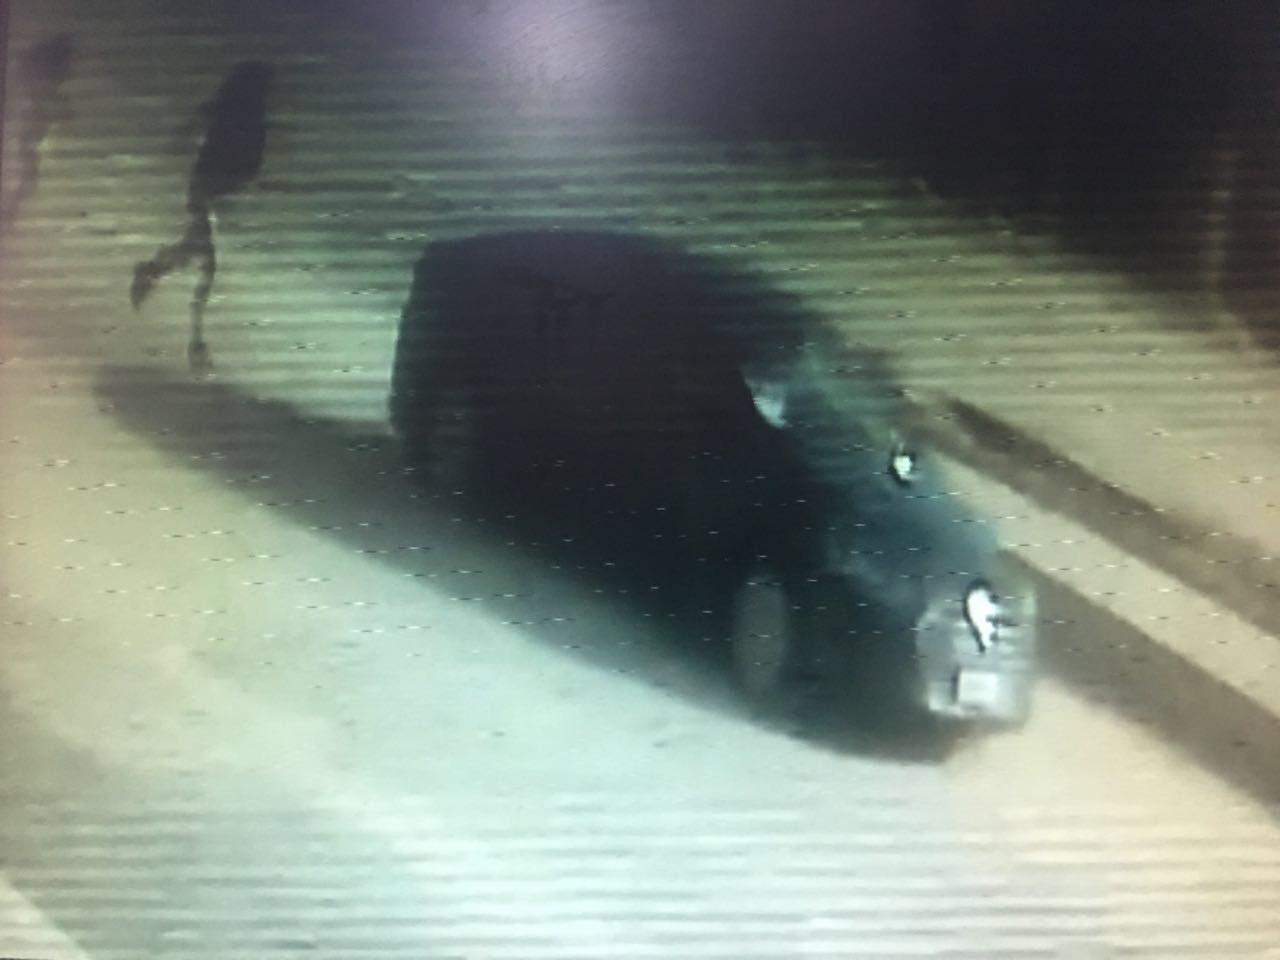 السيارة التى تم خطف الطفل فيها